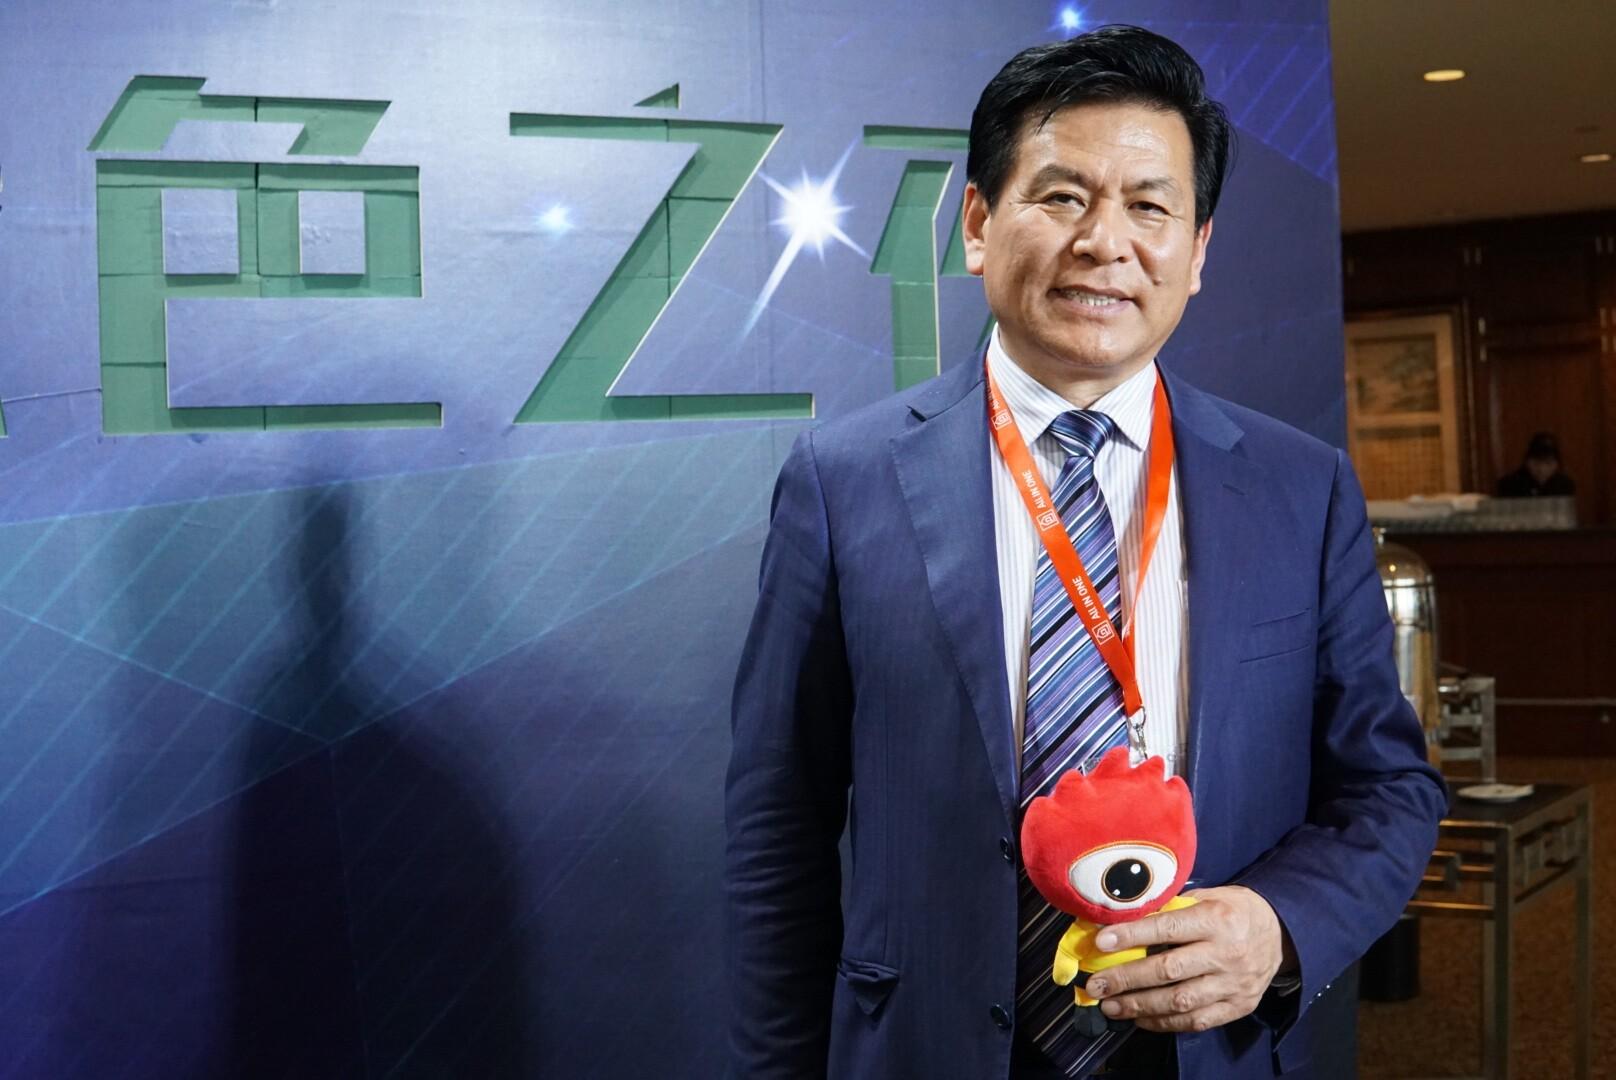 20届中国地板行业高峰论坛,久盛控股集团董事局主席张恩玖论地板产业转型升级